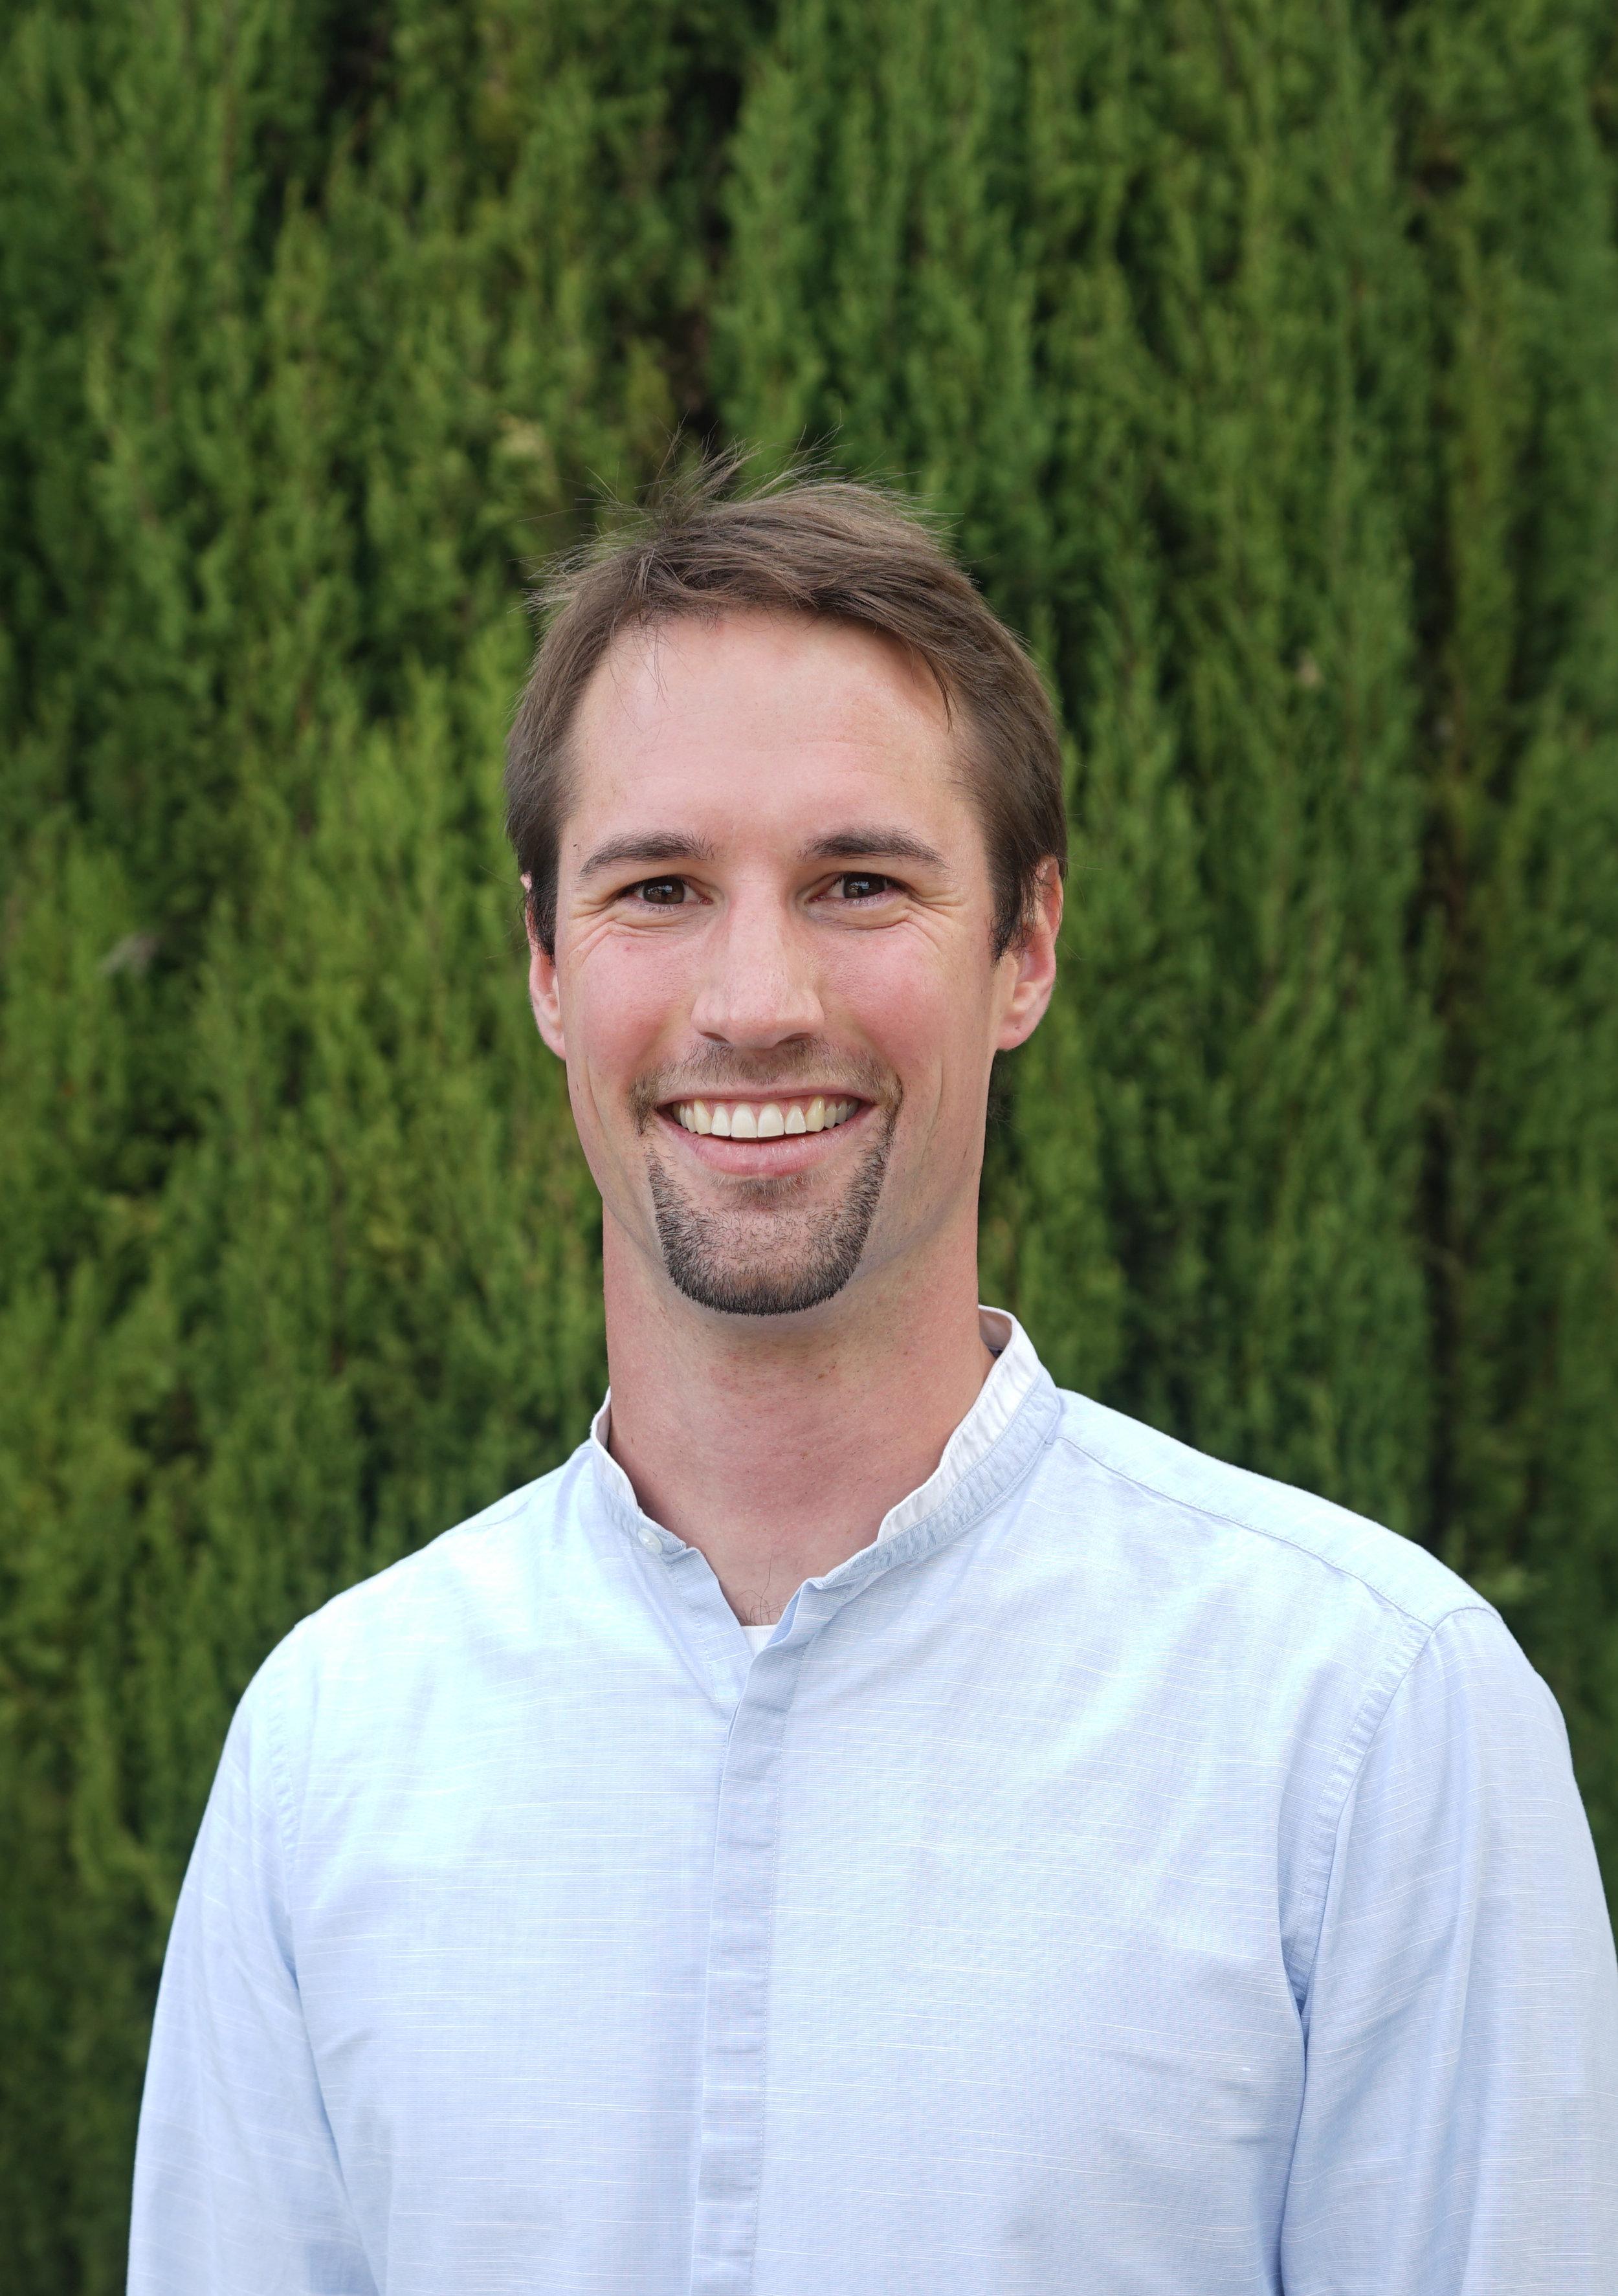 Eric Brubaker